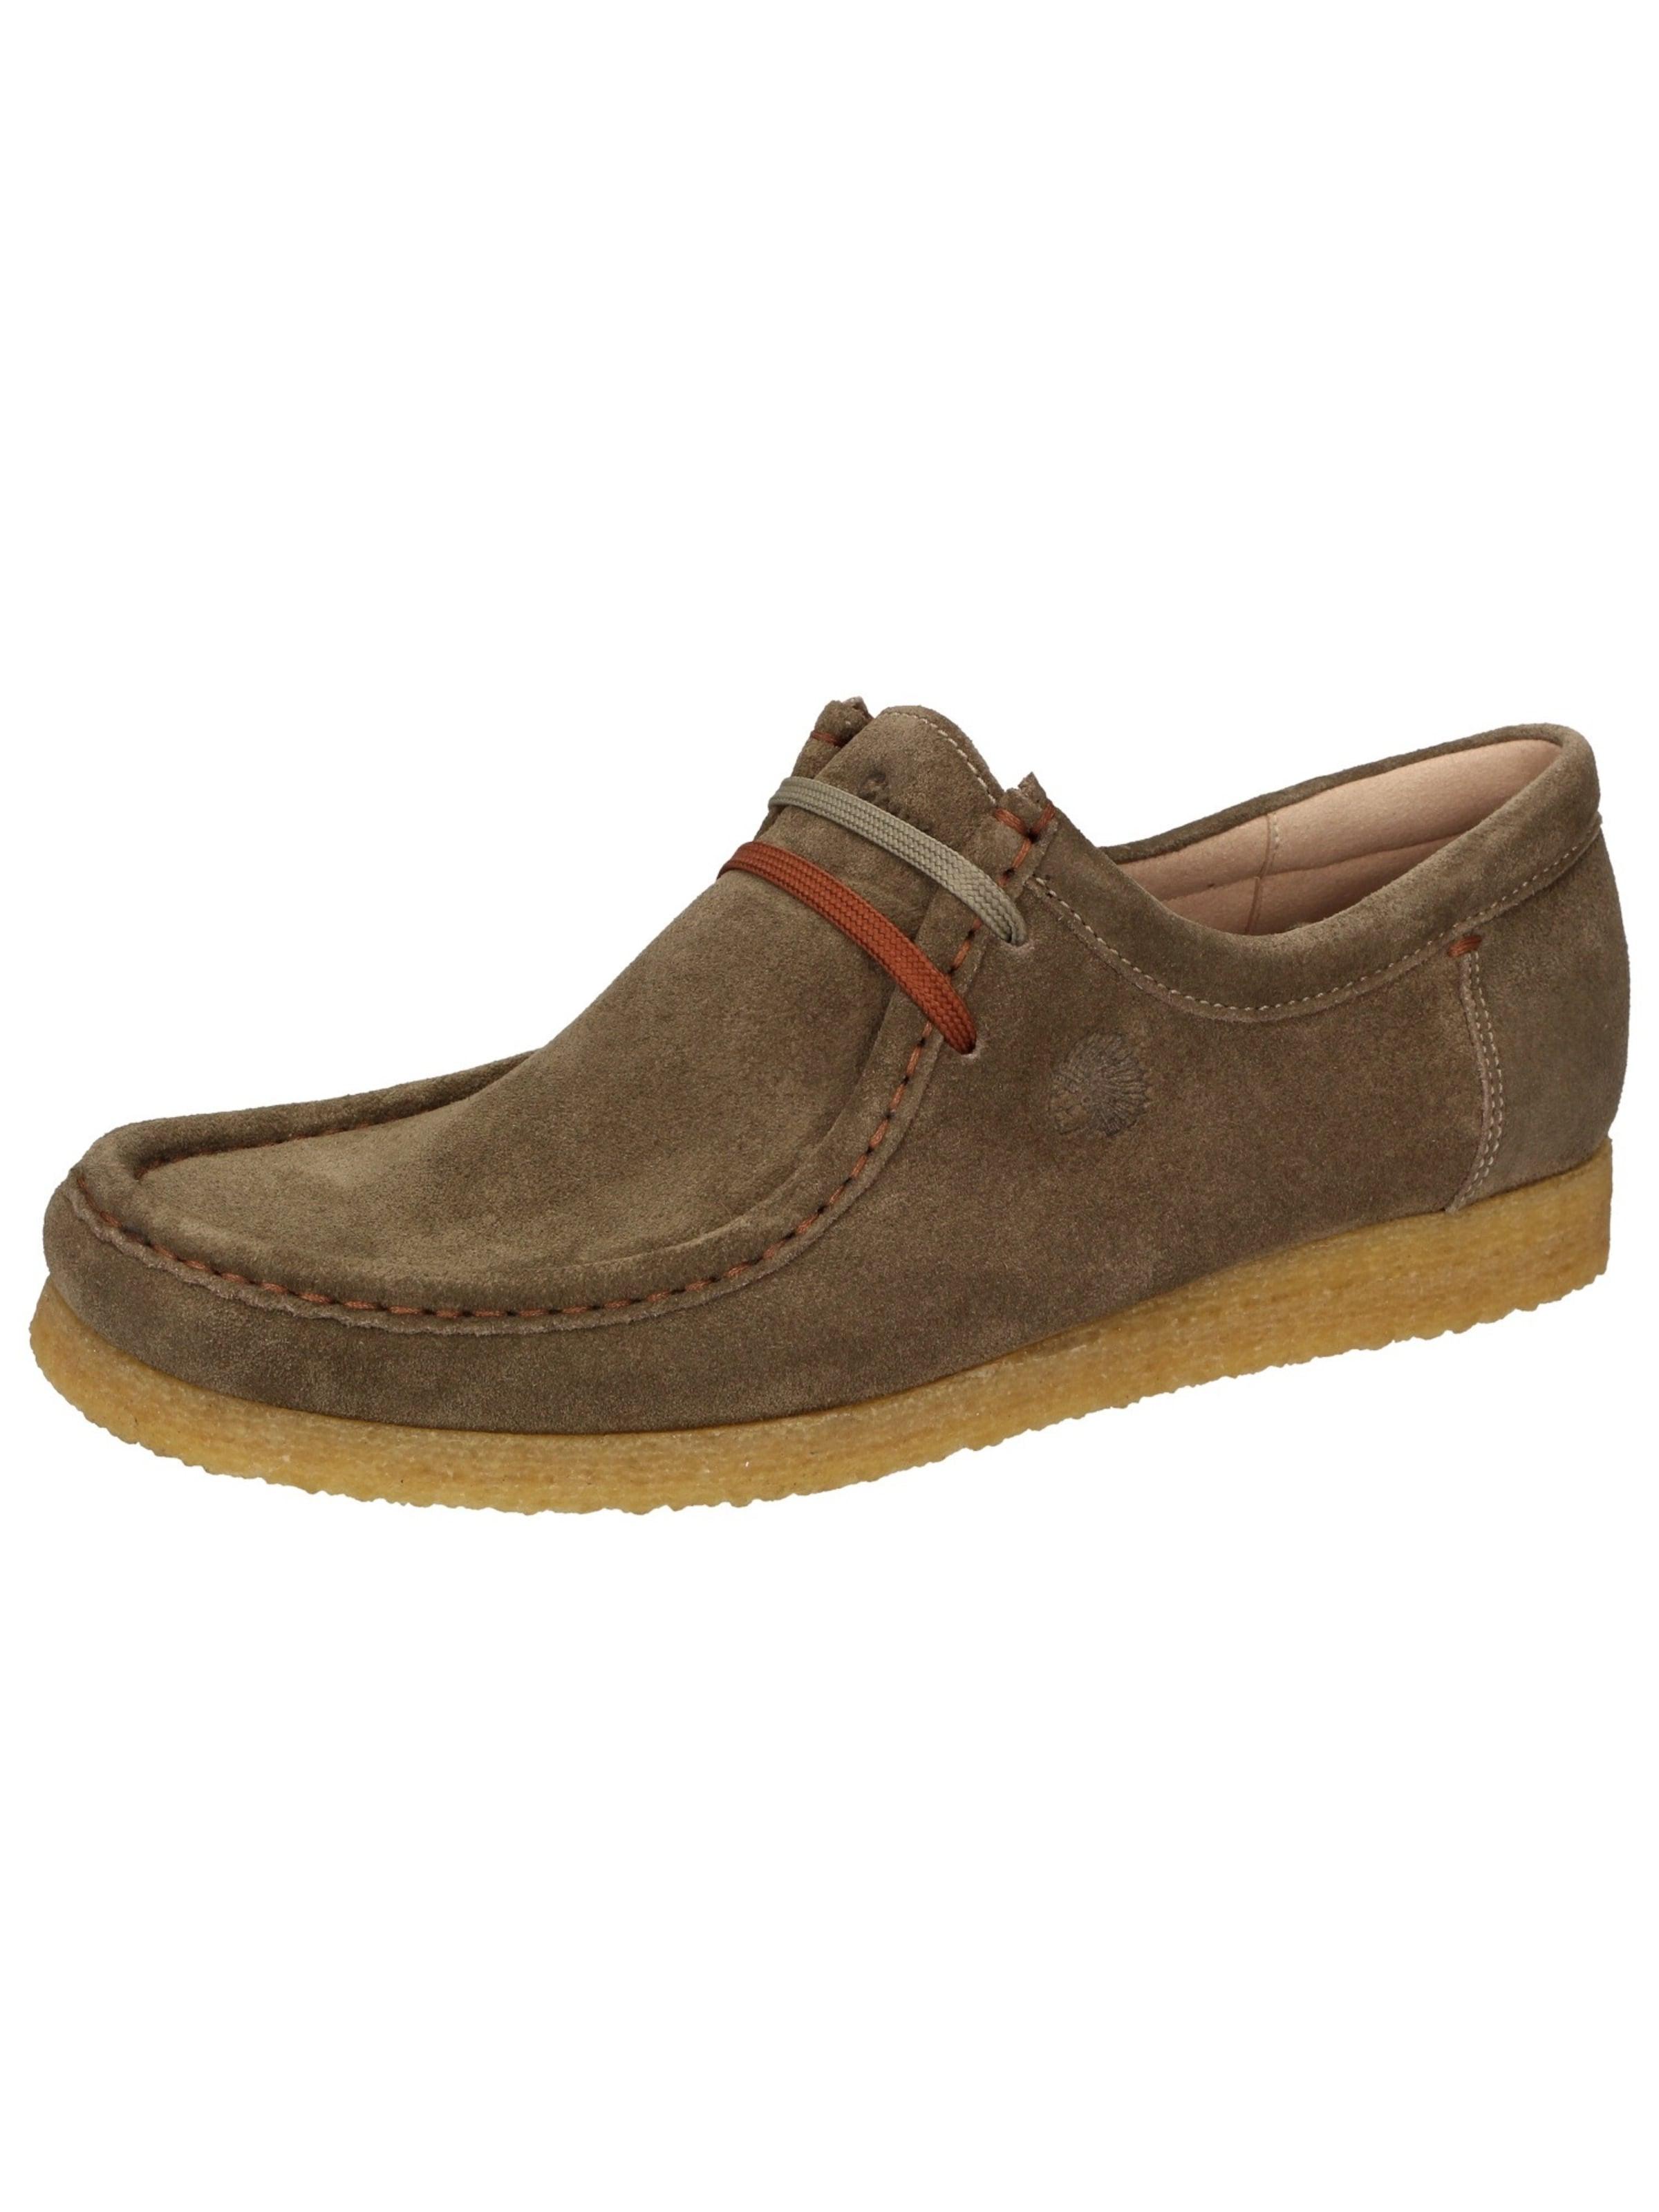 SIOUX Mokassin Grashopper-H-OG-VL Verschleißfeste billige Schuhe